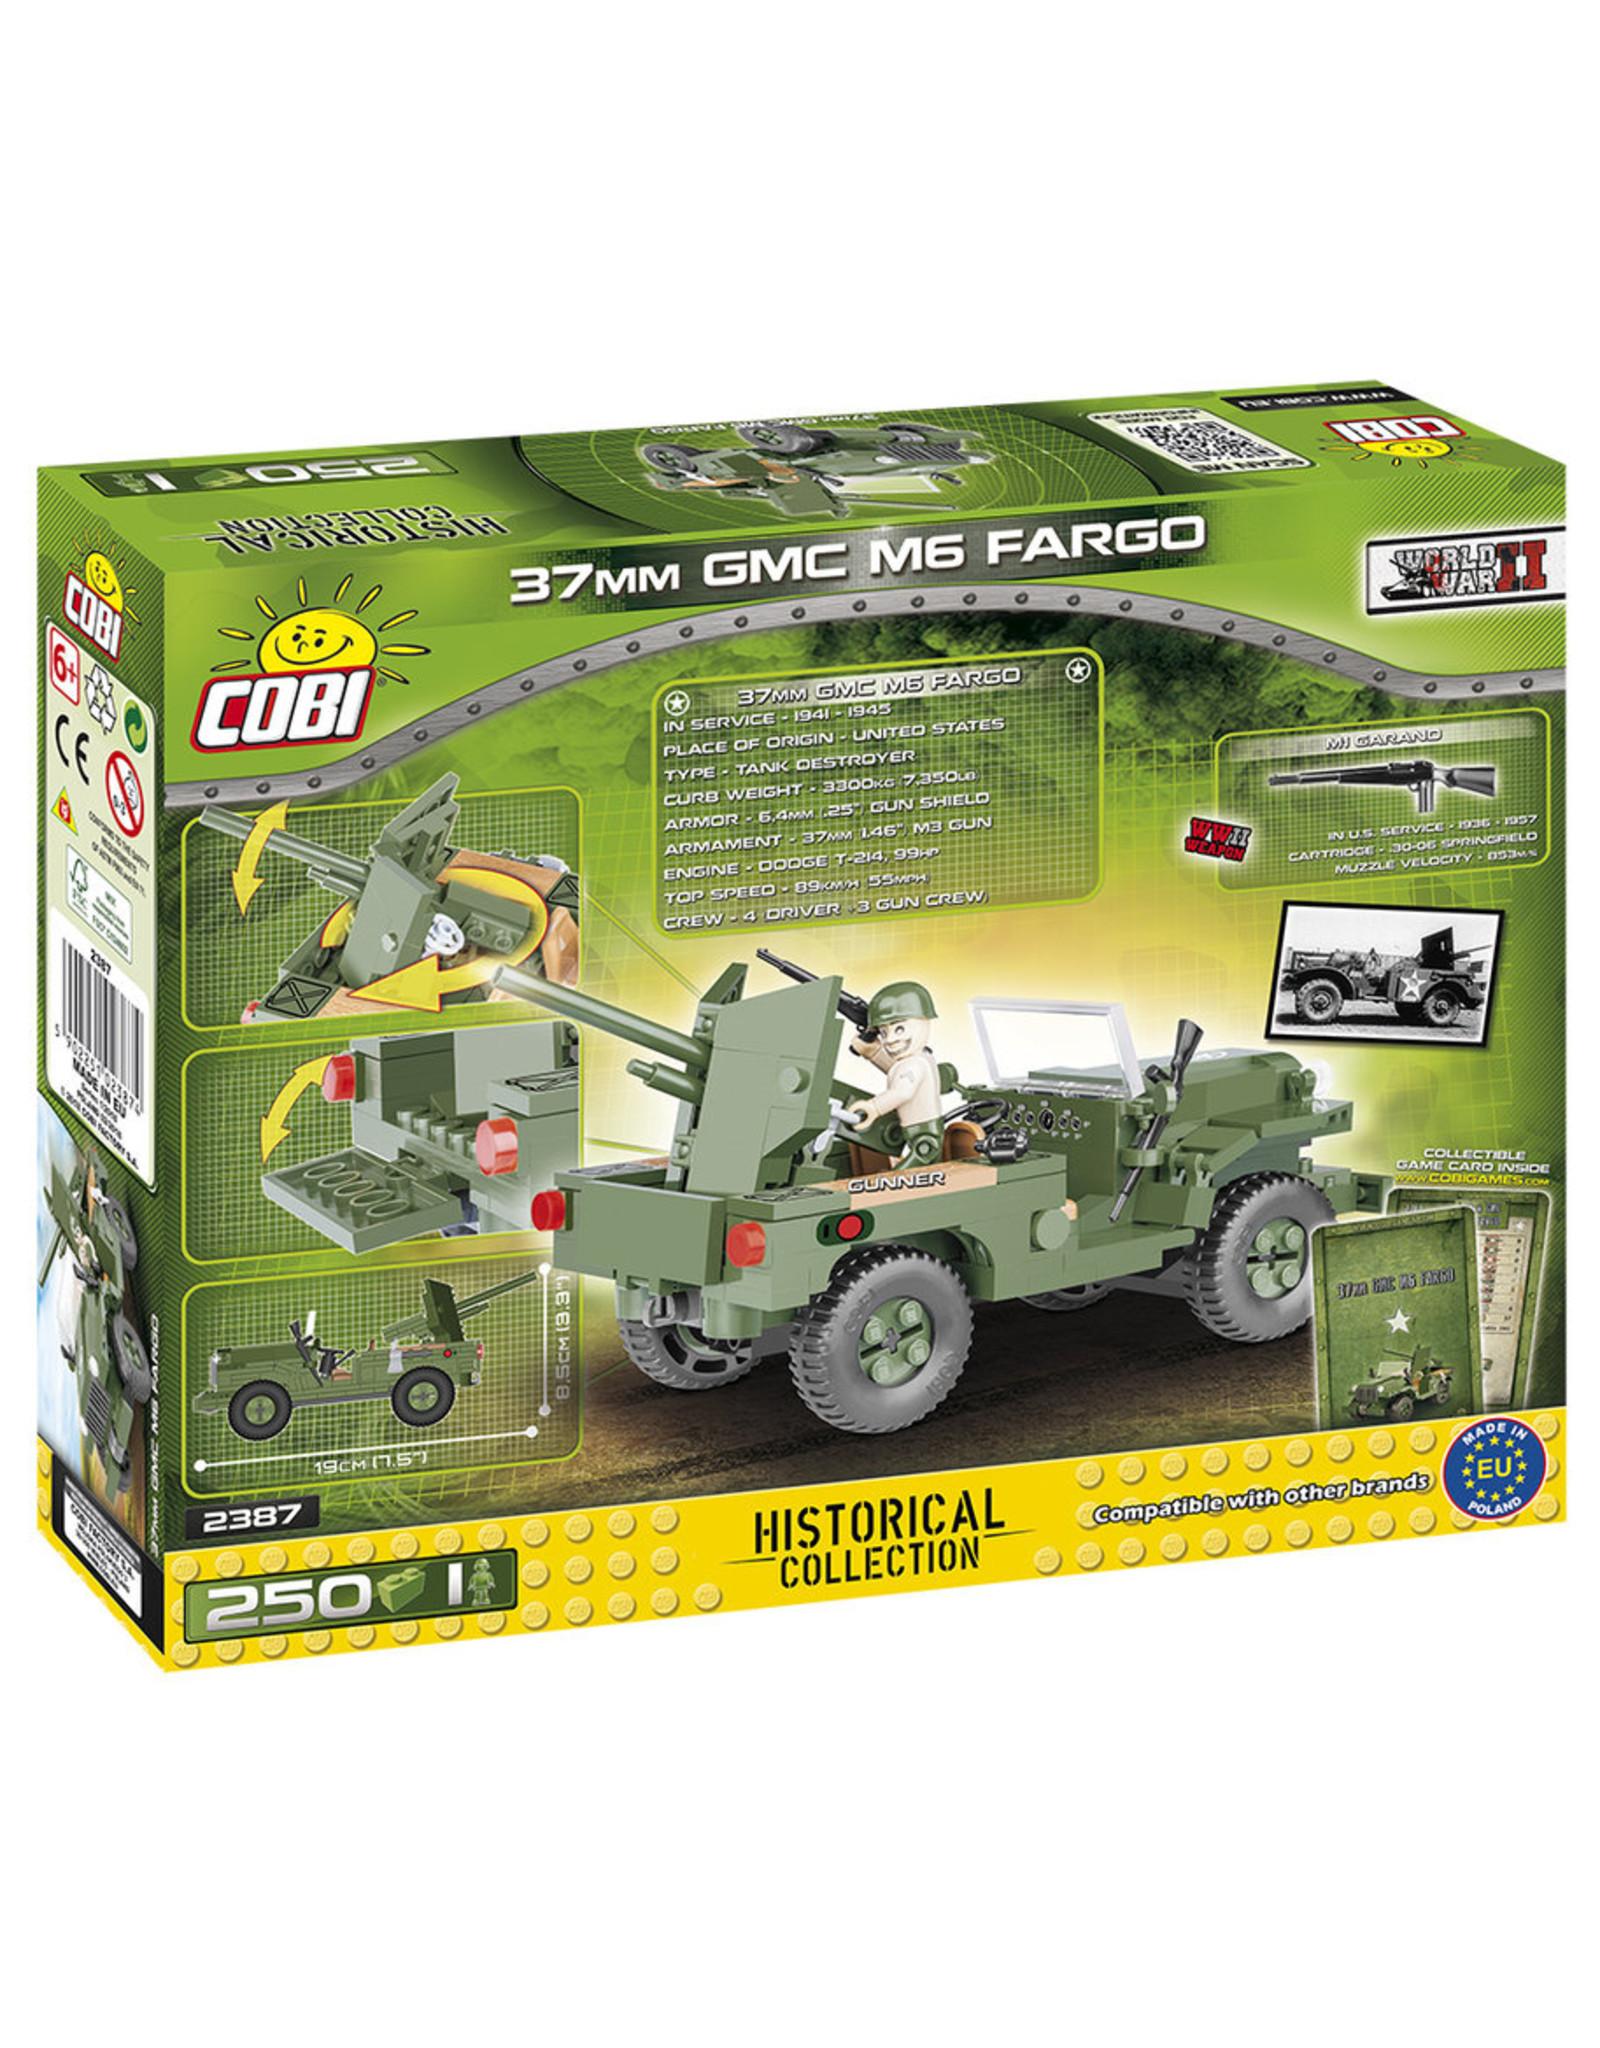 COBI COBI WW2 2387 - GMC M6 Fargo